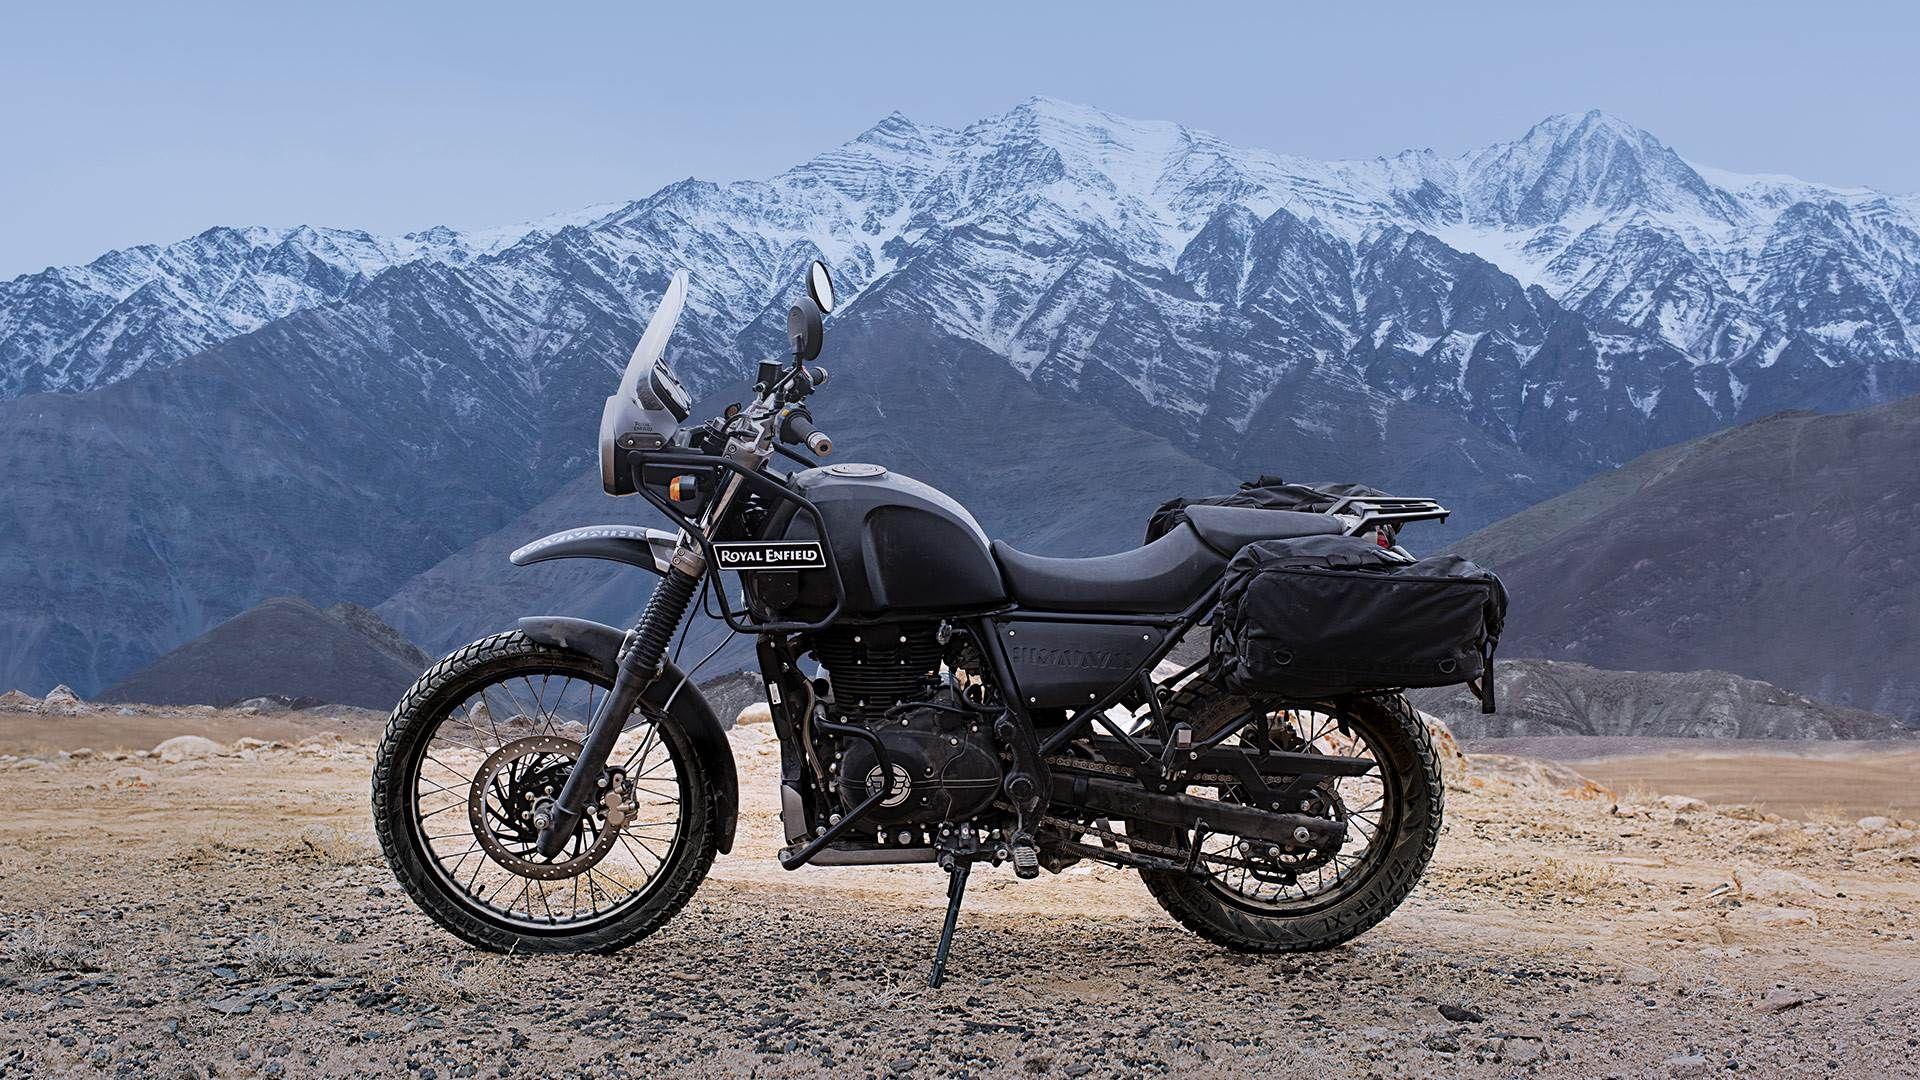 O lançamento de um novo modelo da Royal Enfield é realmente um momento alto do motociclismo!